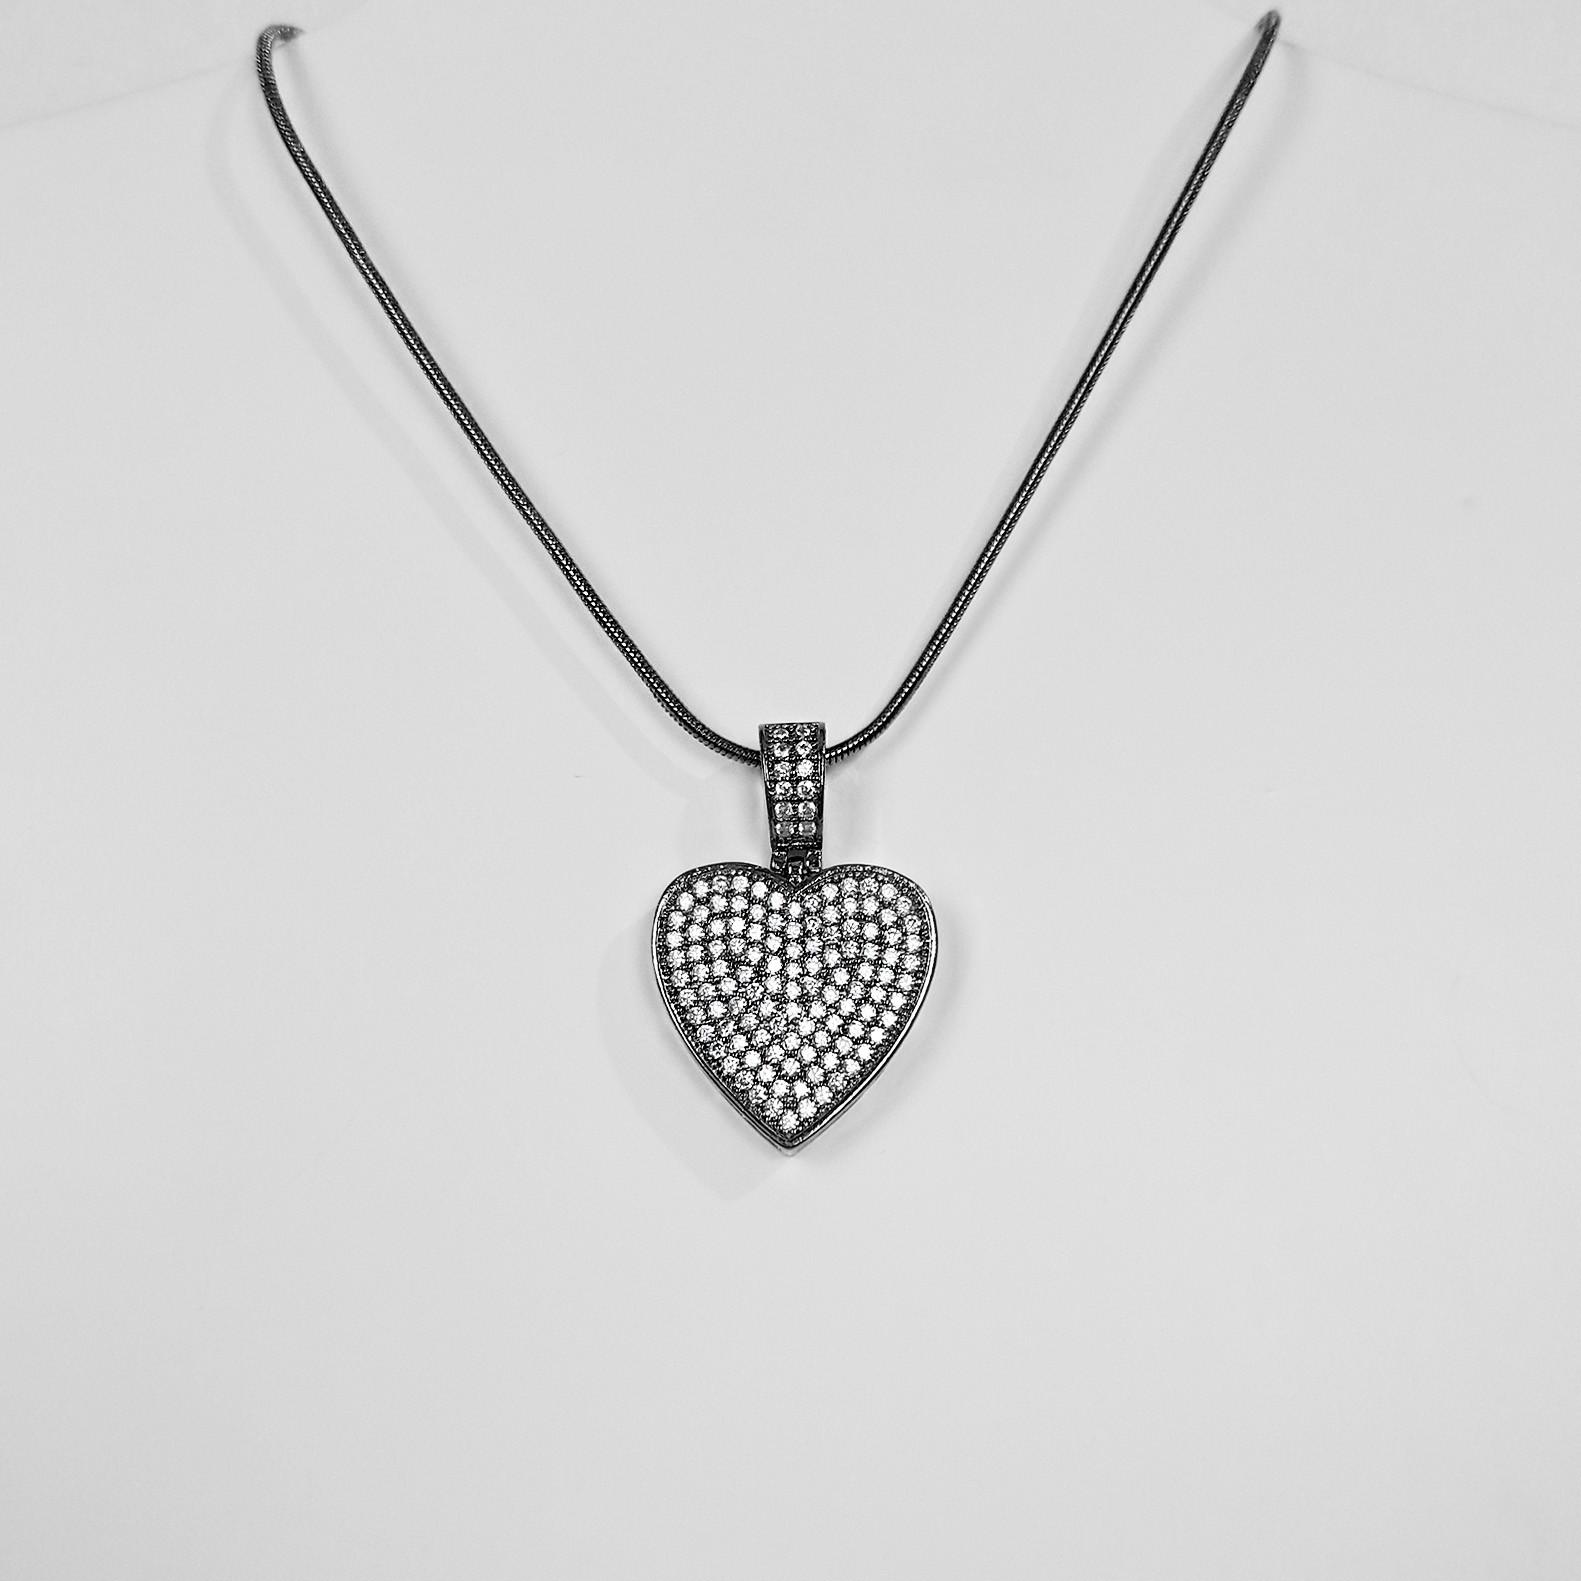 Colar 45cm Coração Luxo Menor Cravejado Banho Ródio Negro  - Lunozê Joias